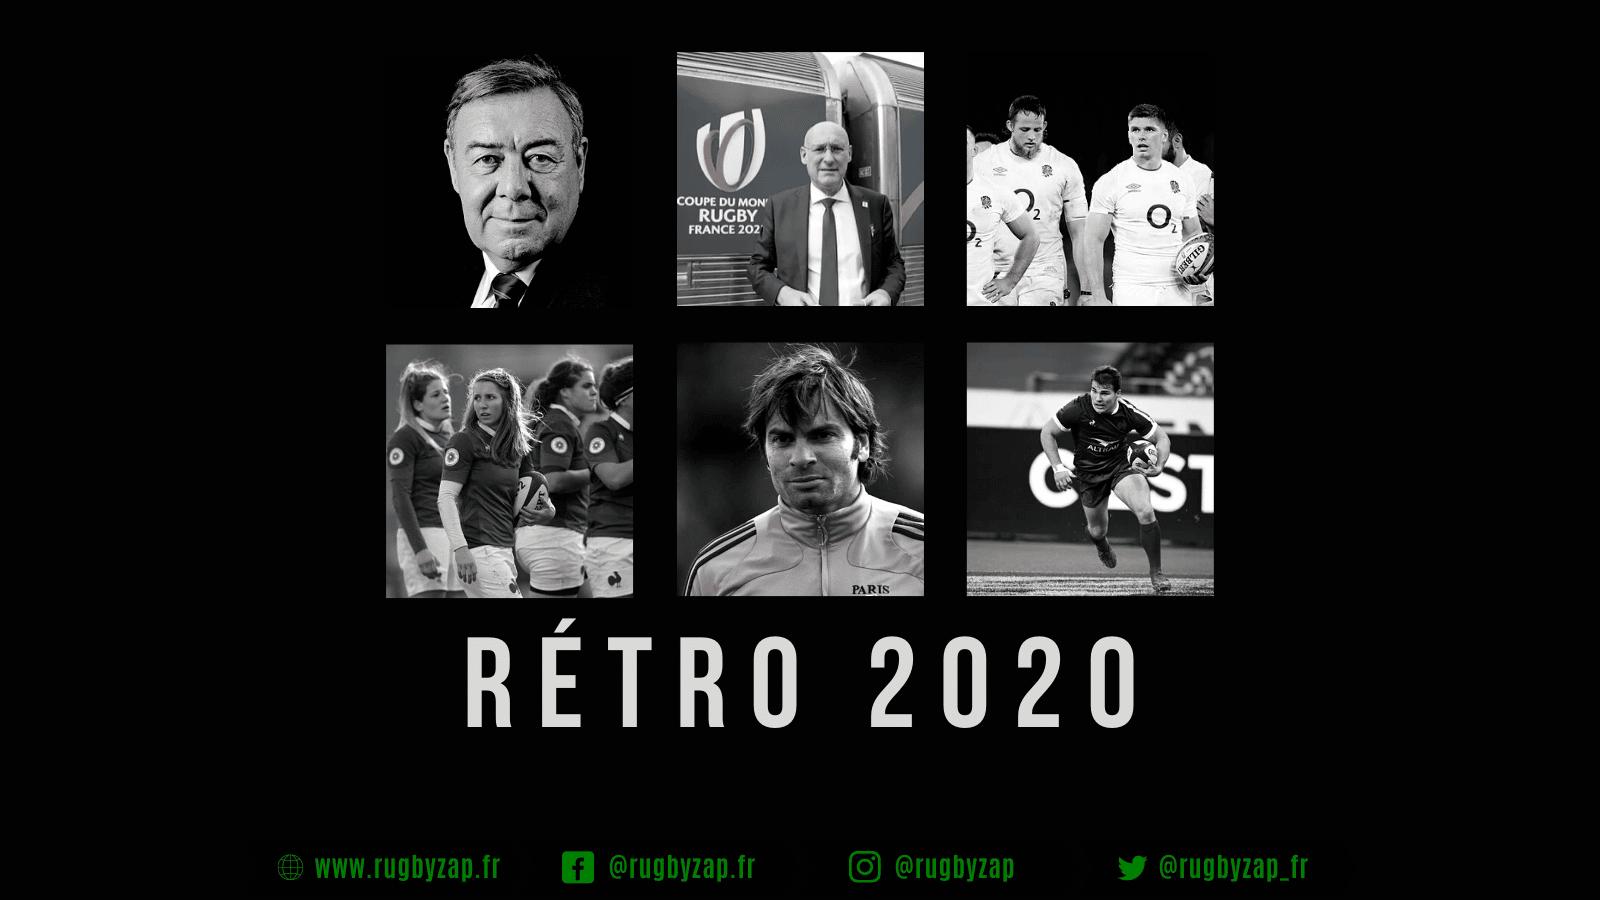 RETRO 2020